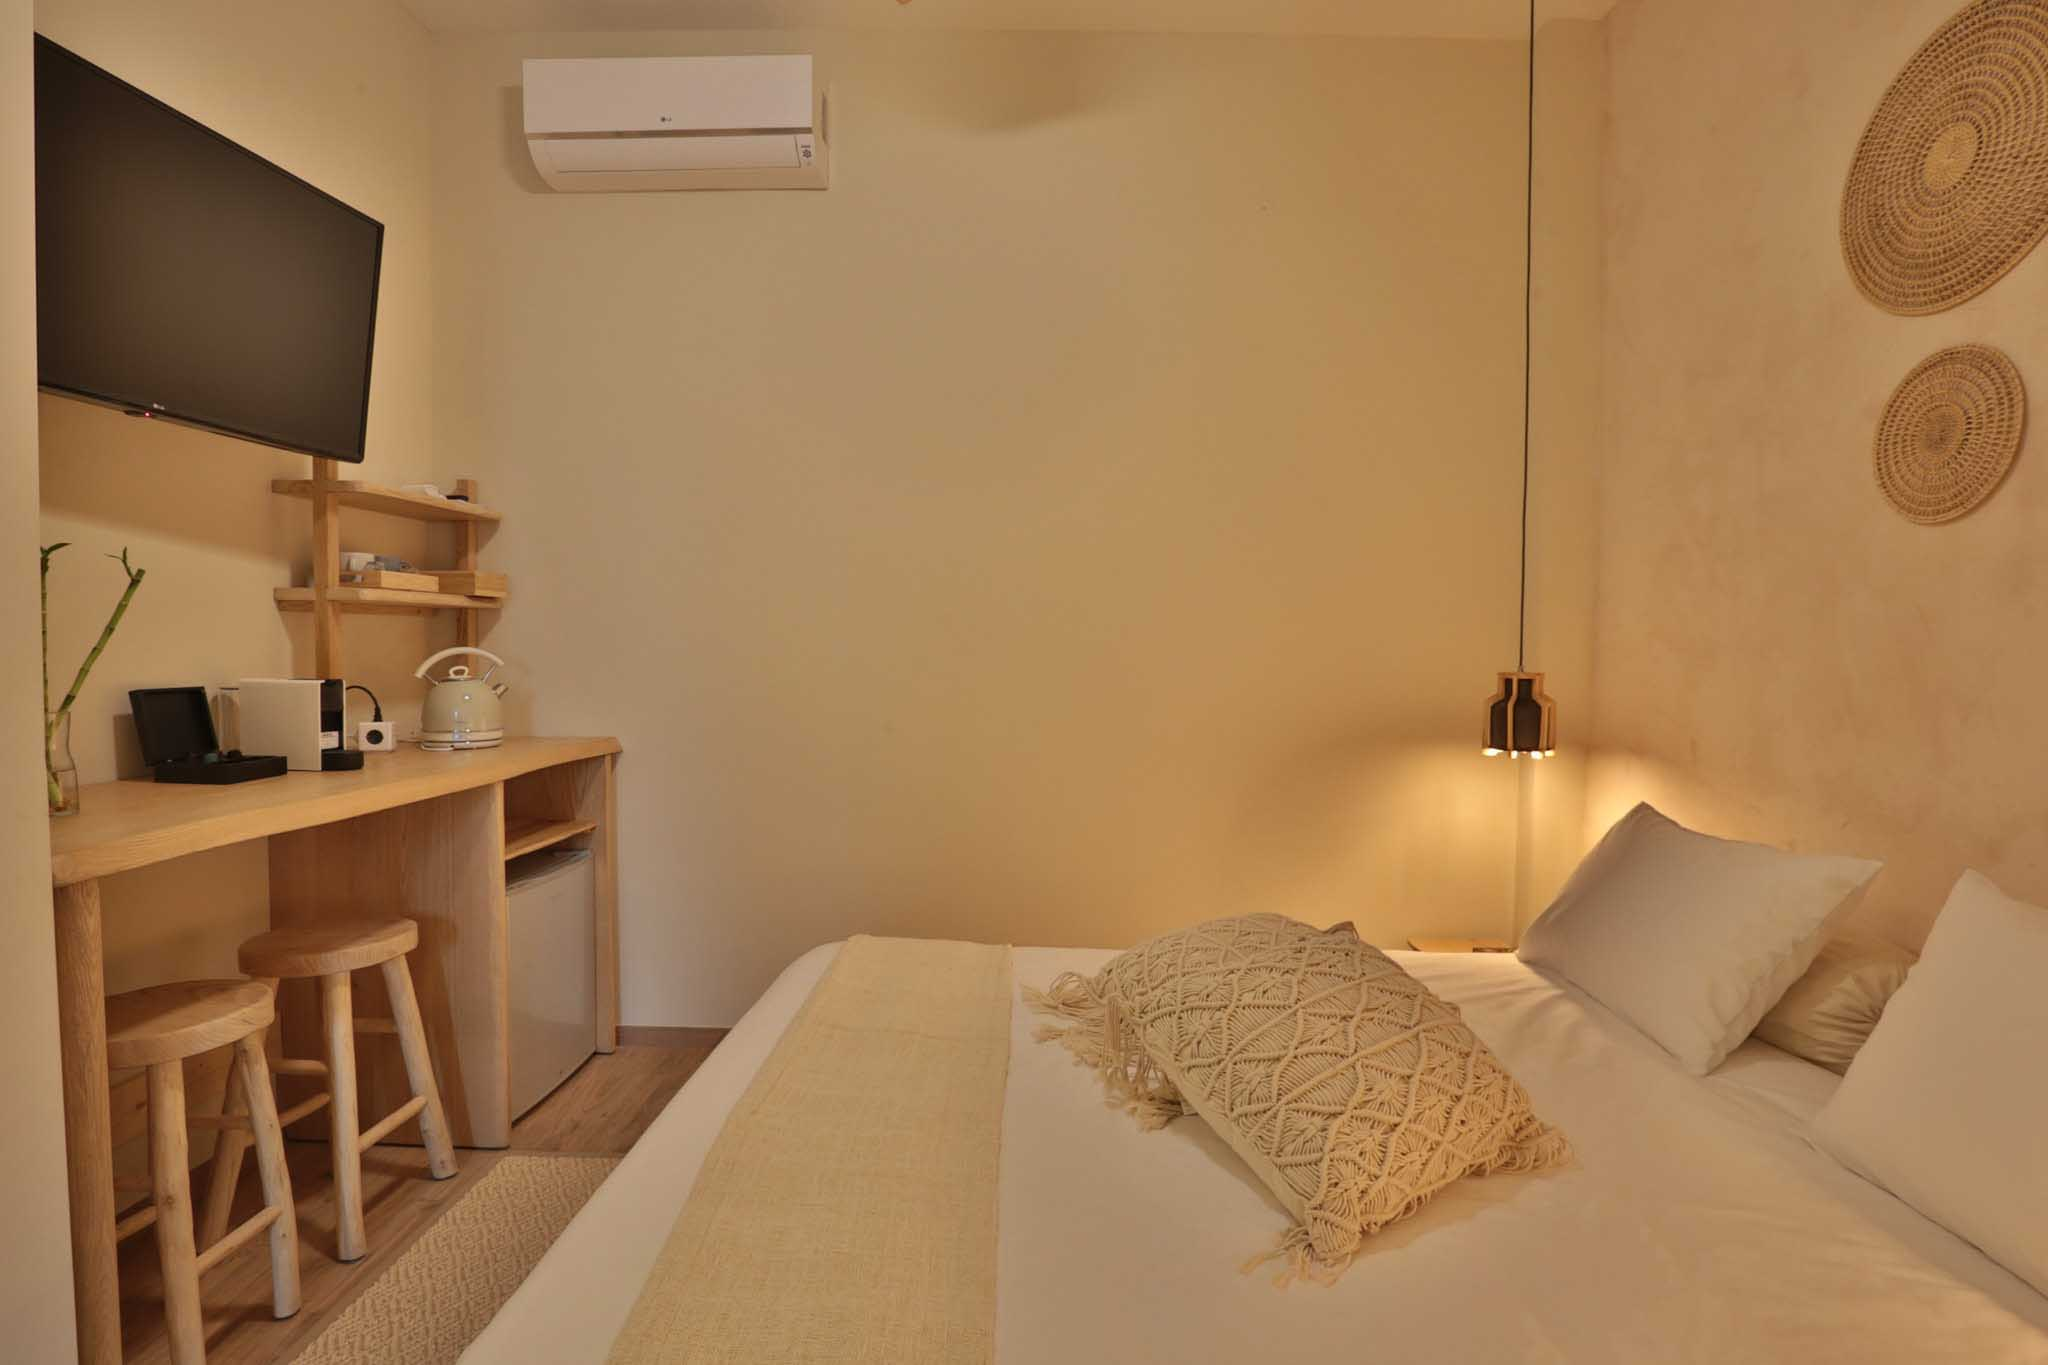 Hotel_room_Jasmine_01